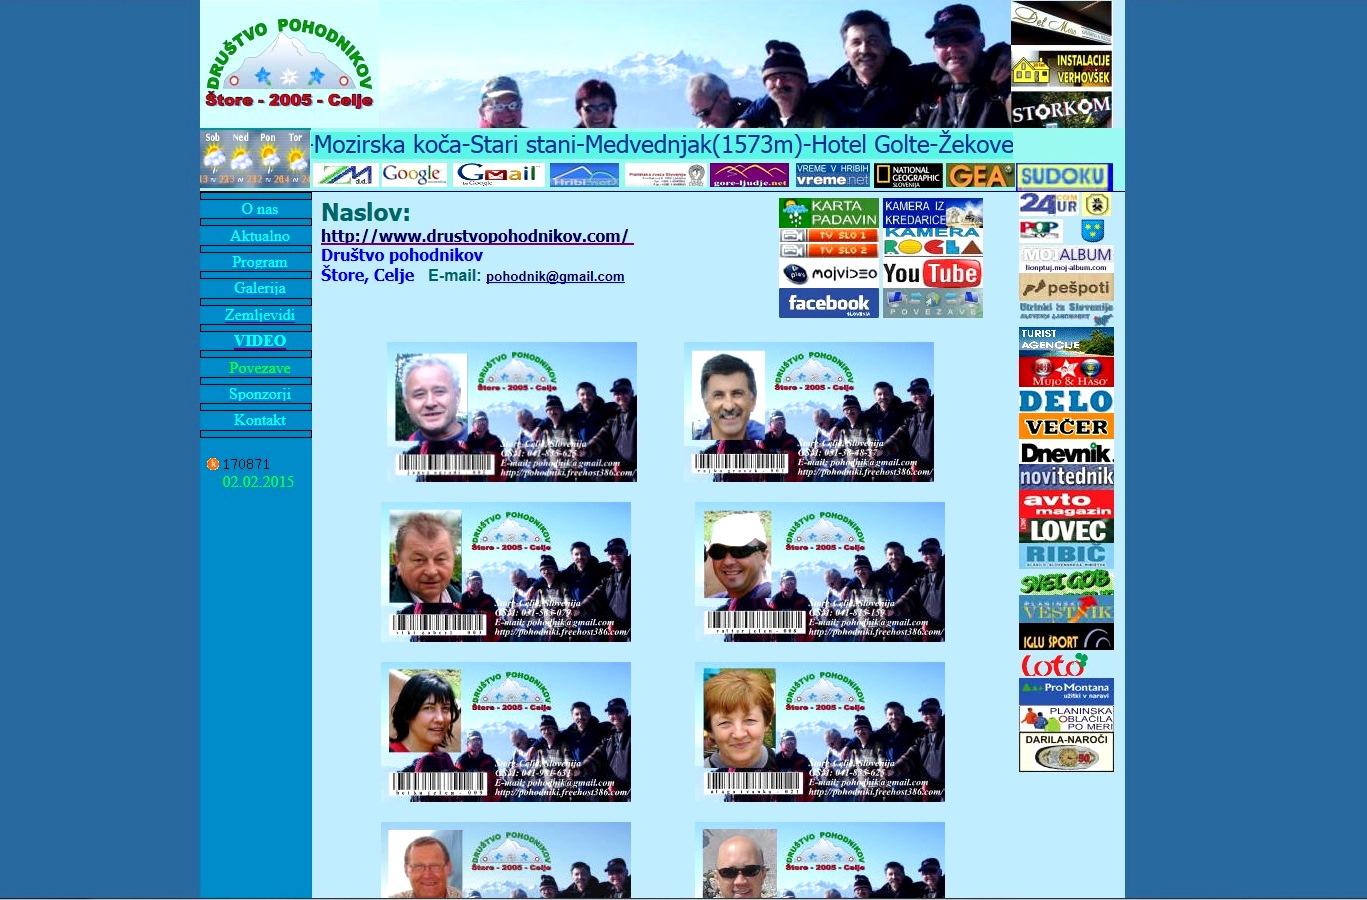 Društvo pohodnikov - stara stran